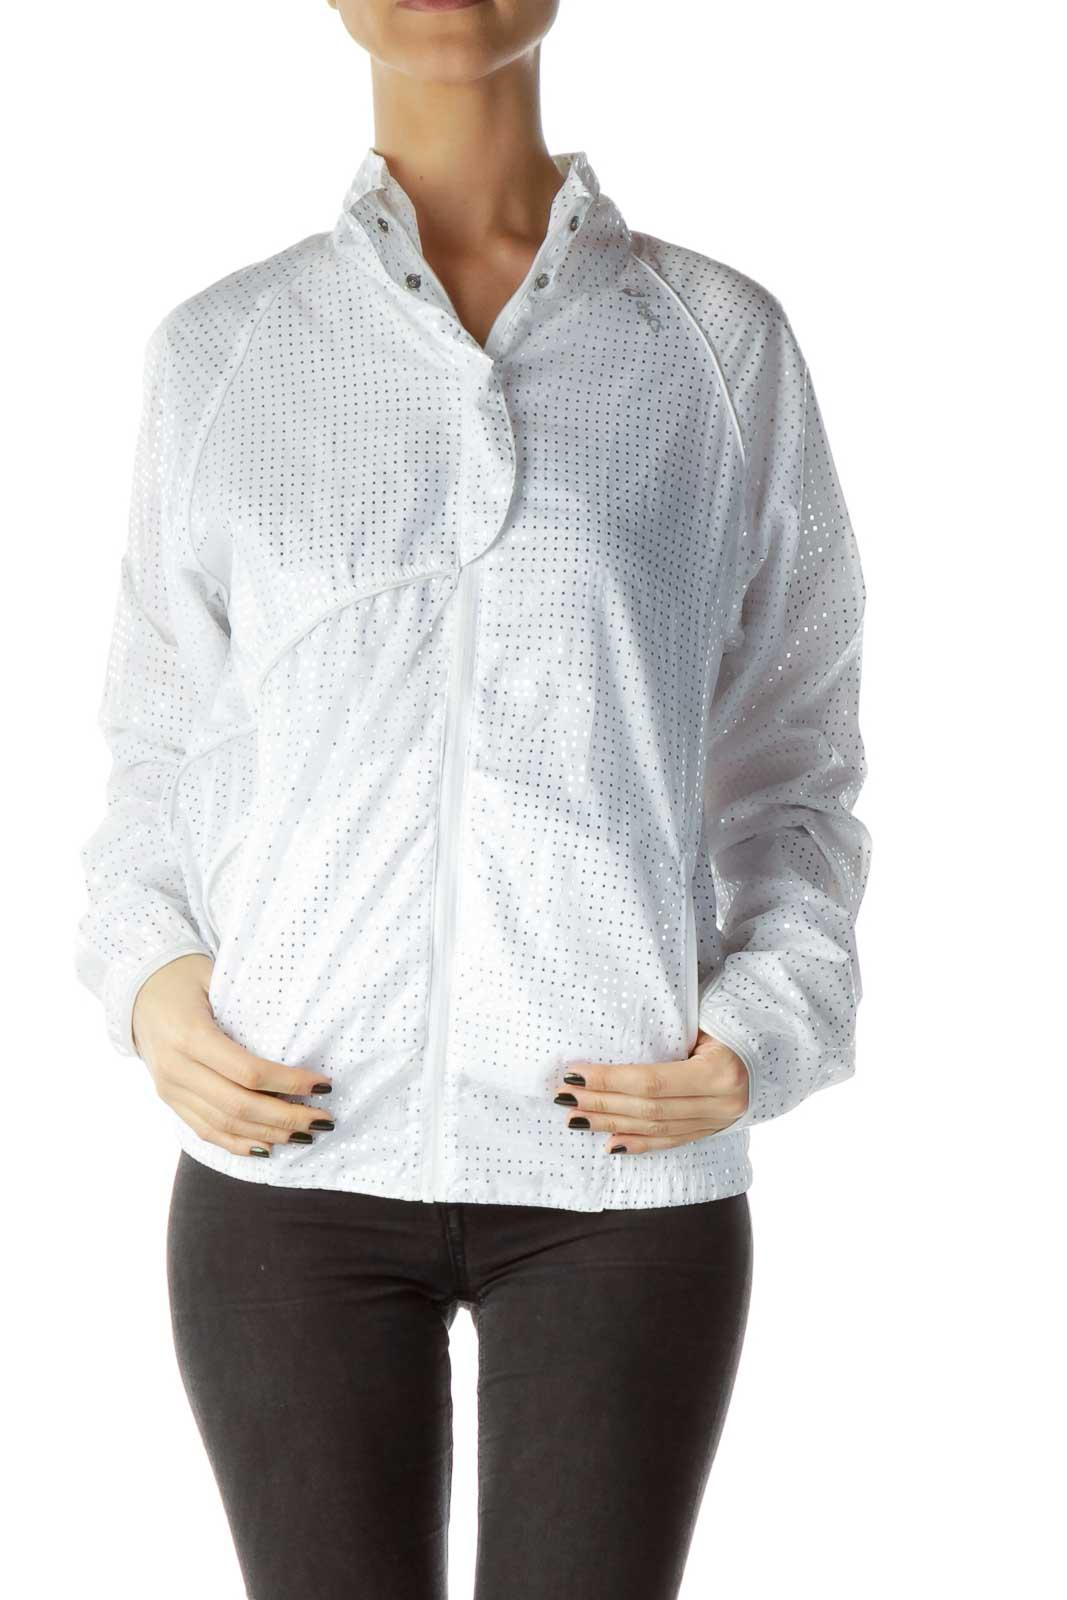 White Shiny Active Jacket Front